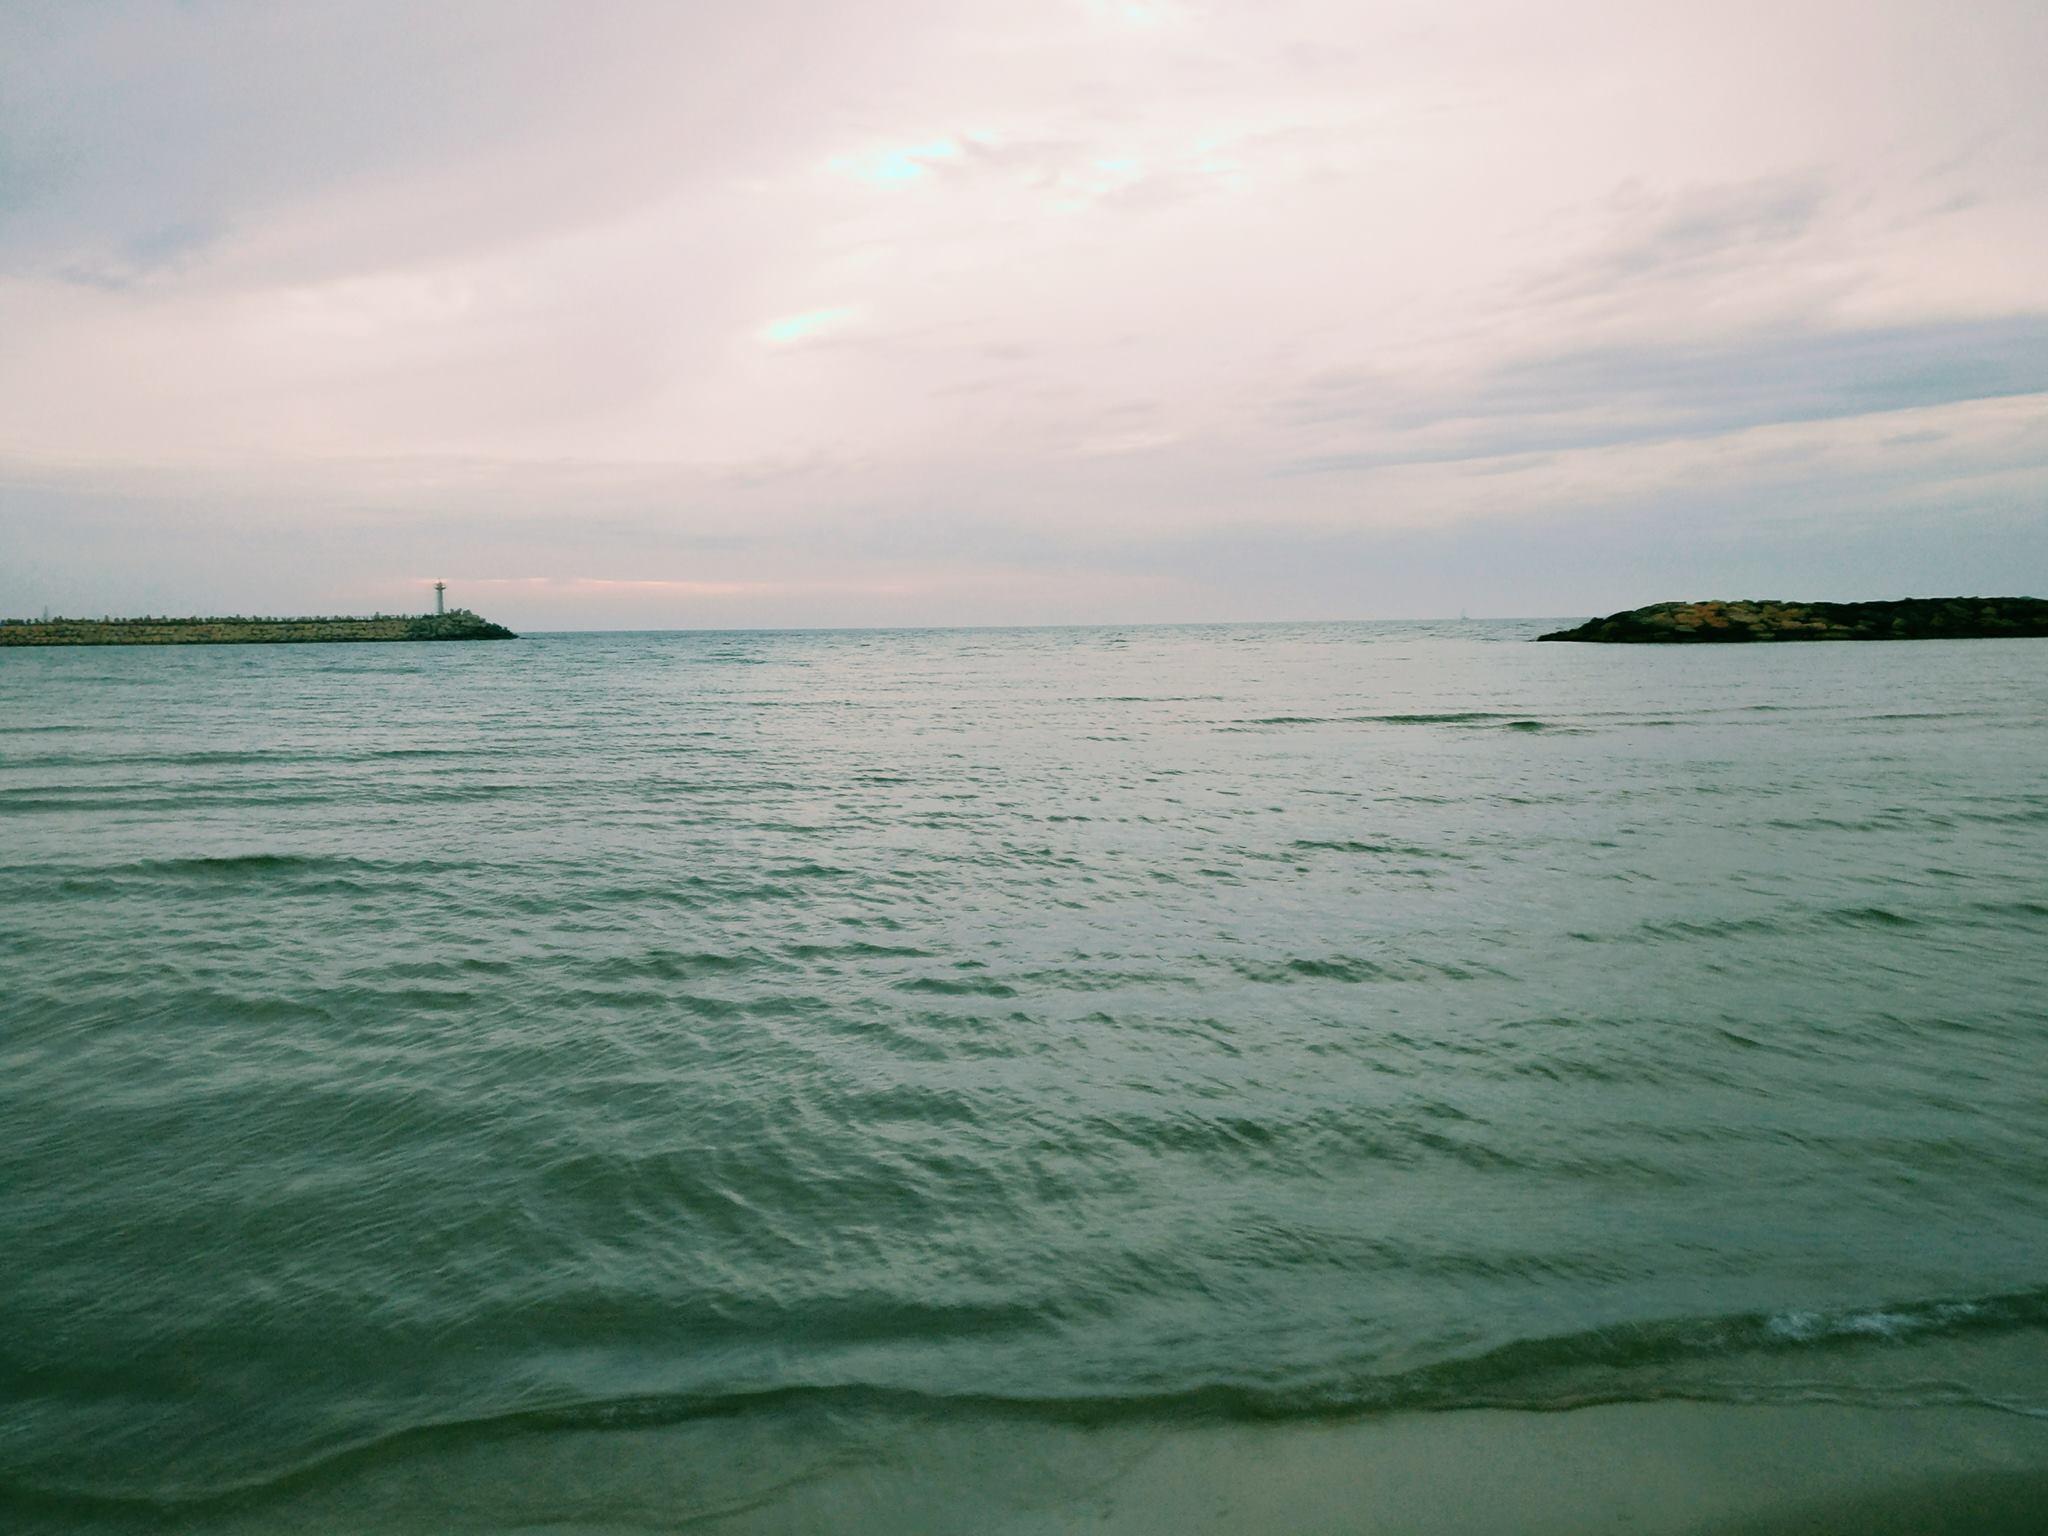 ים, חוף ים wellbeing